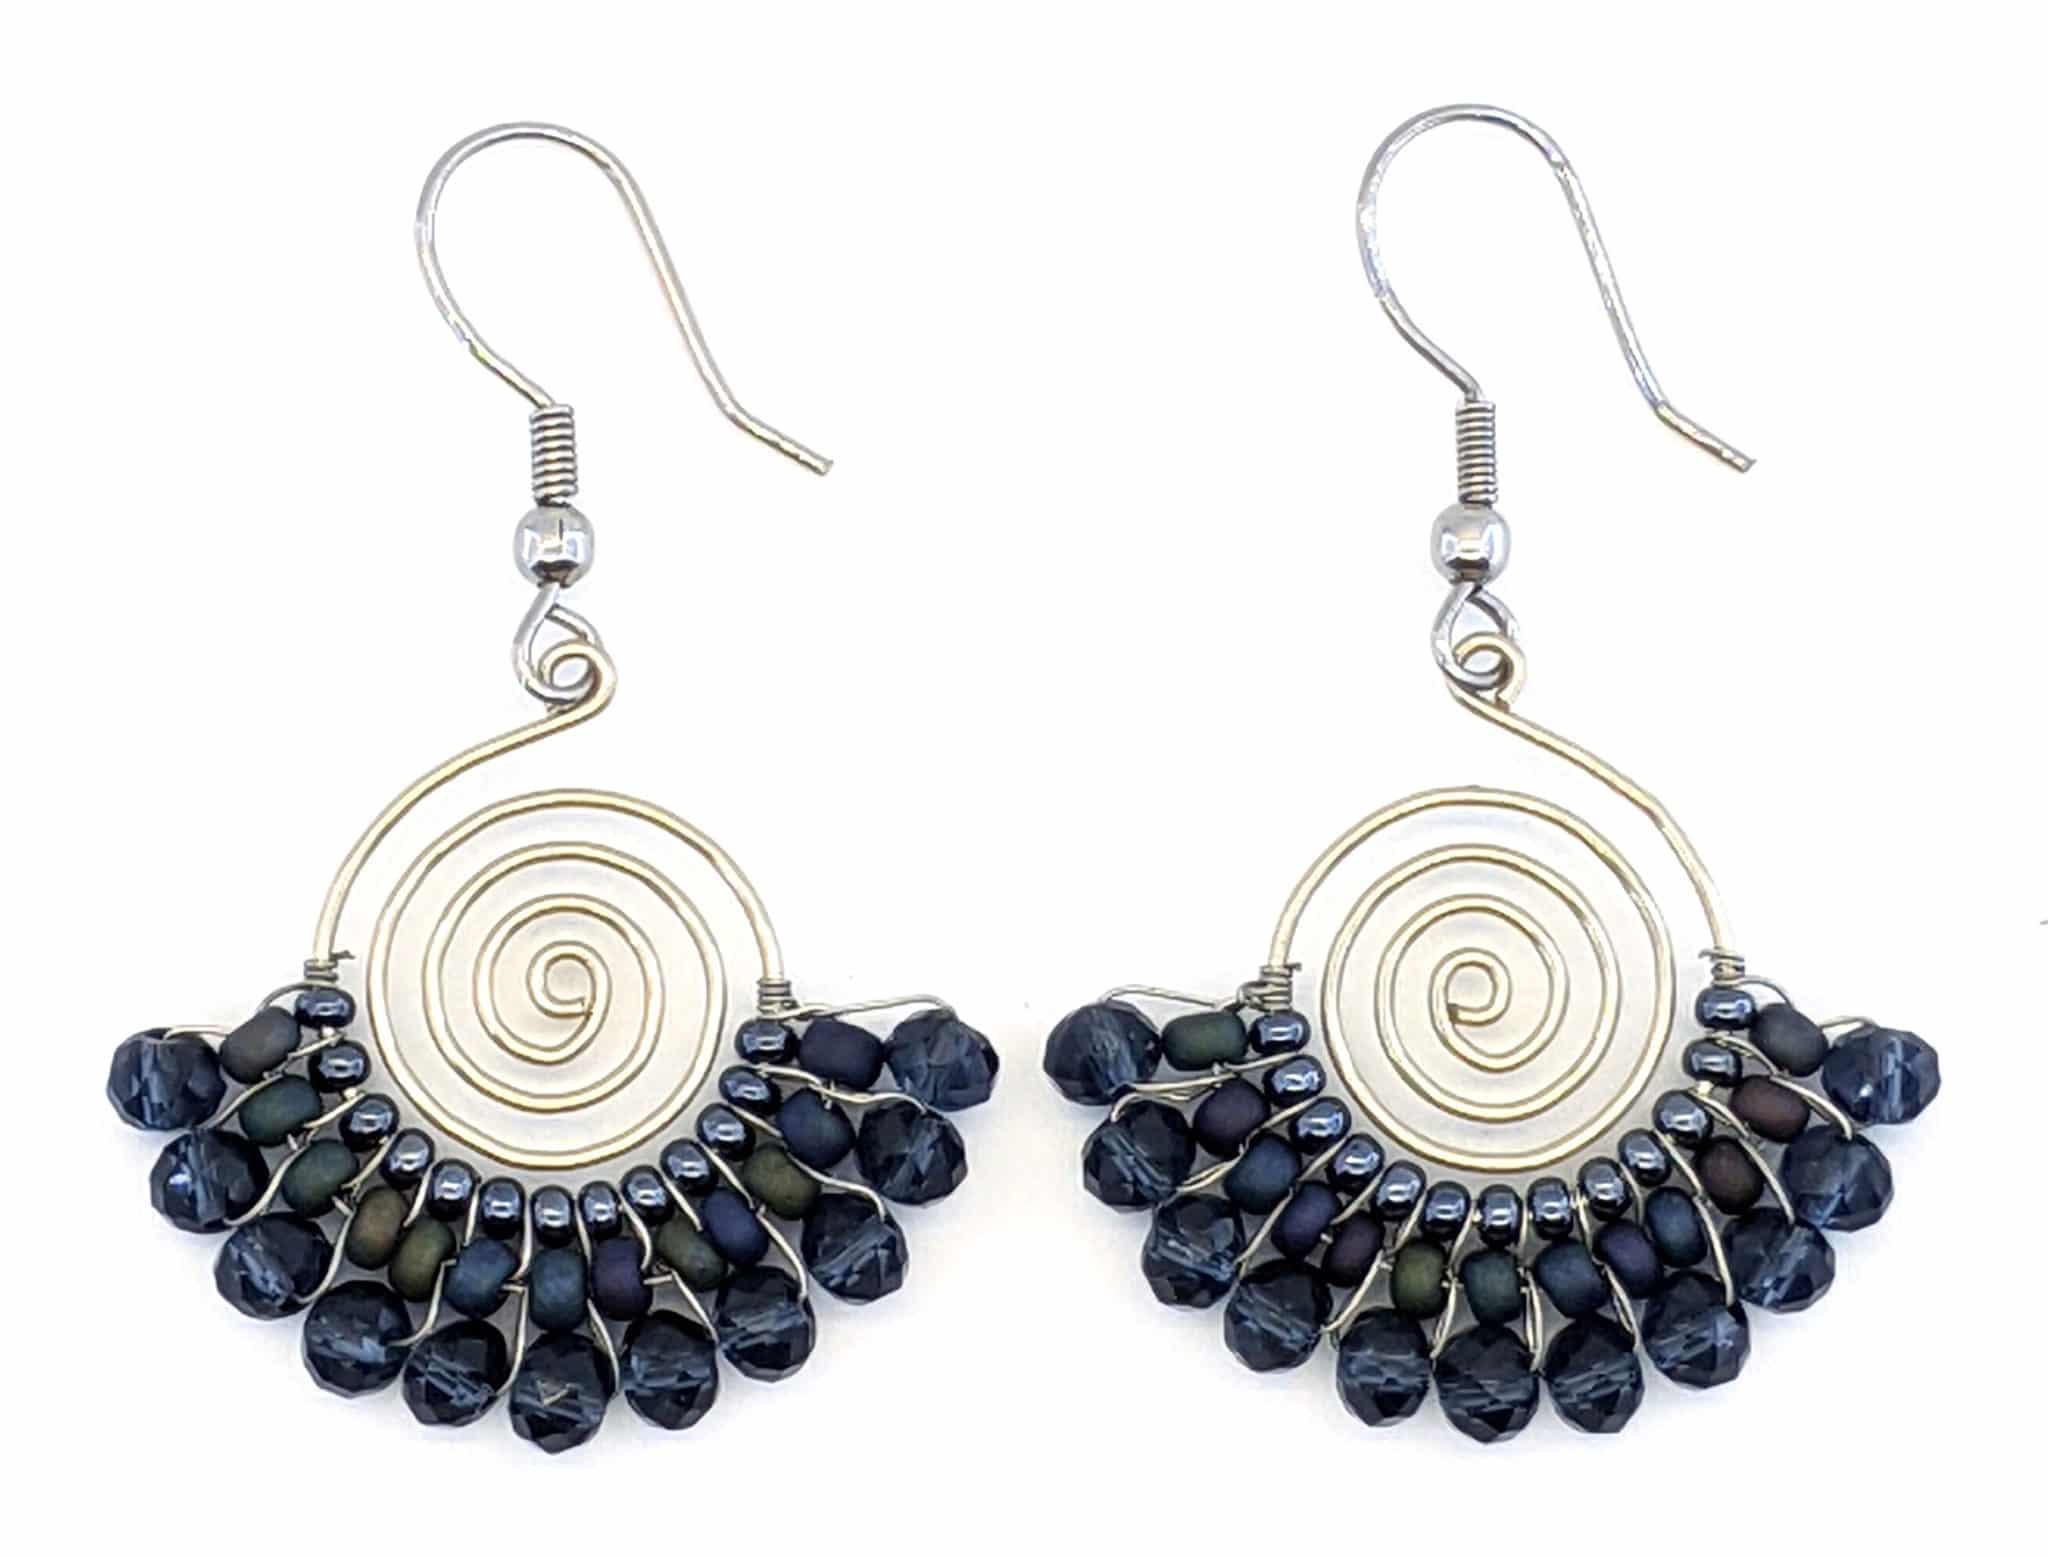 Spiral Skirt Beaded Earrings - Dark Grays and Black